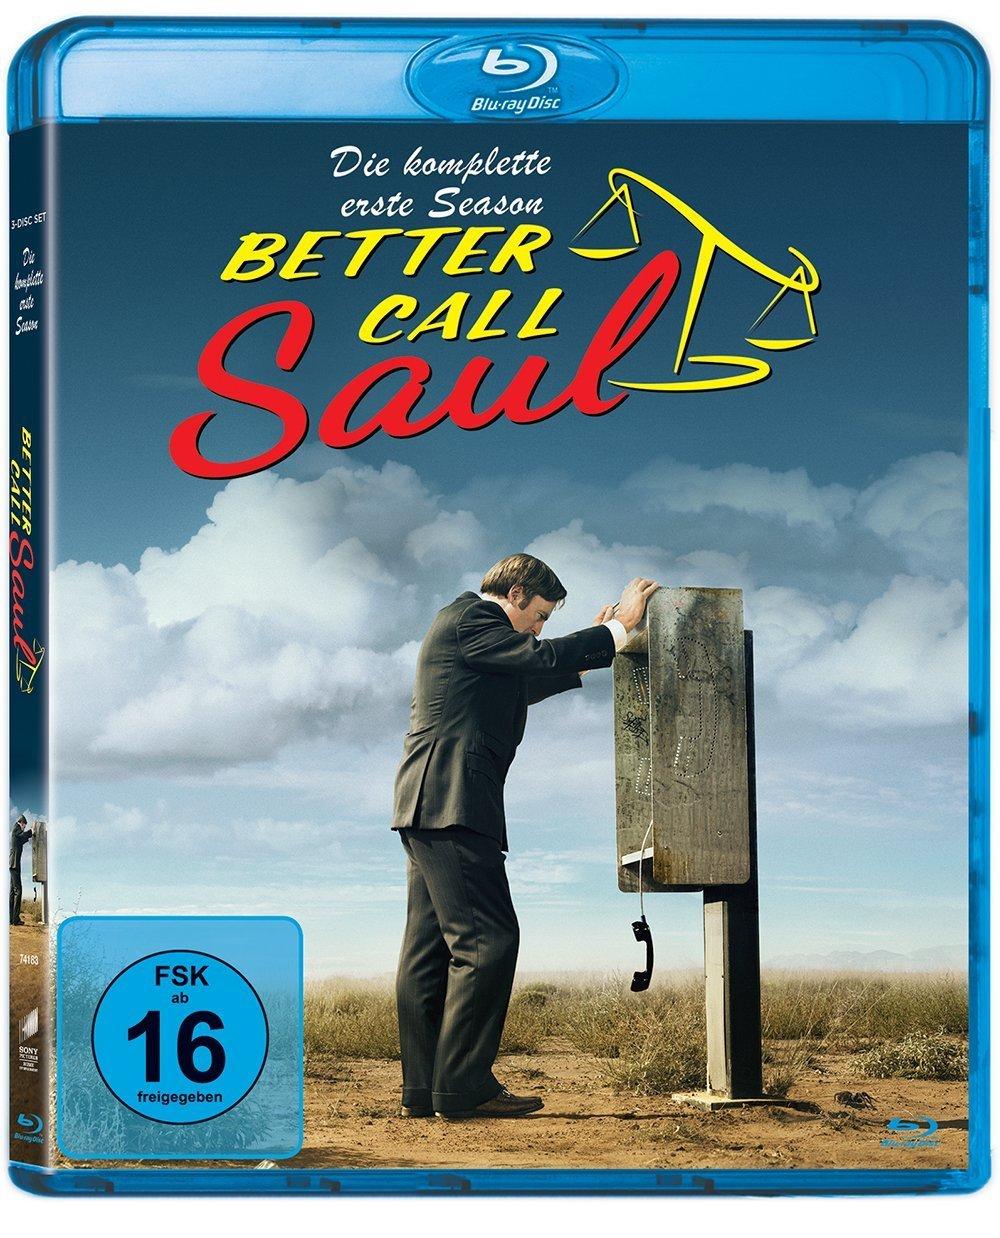 """Gewinnspiel: Gewinnt eine Blu-ray zur ersten Staffel """"Better Call Saul"""""""